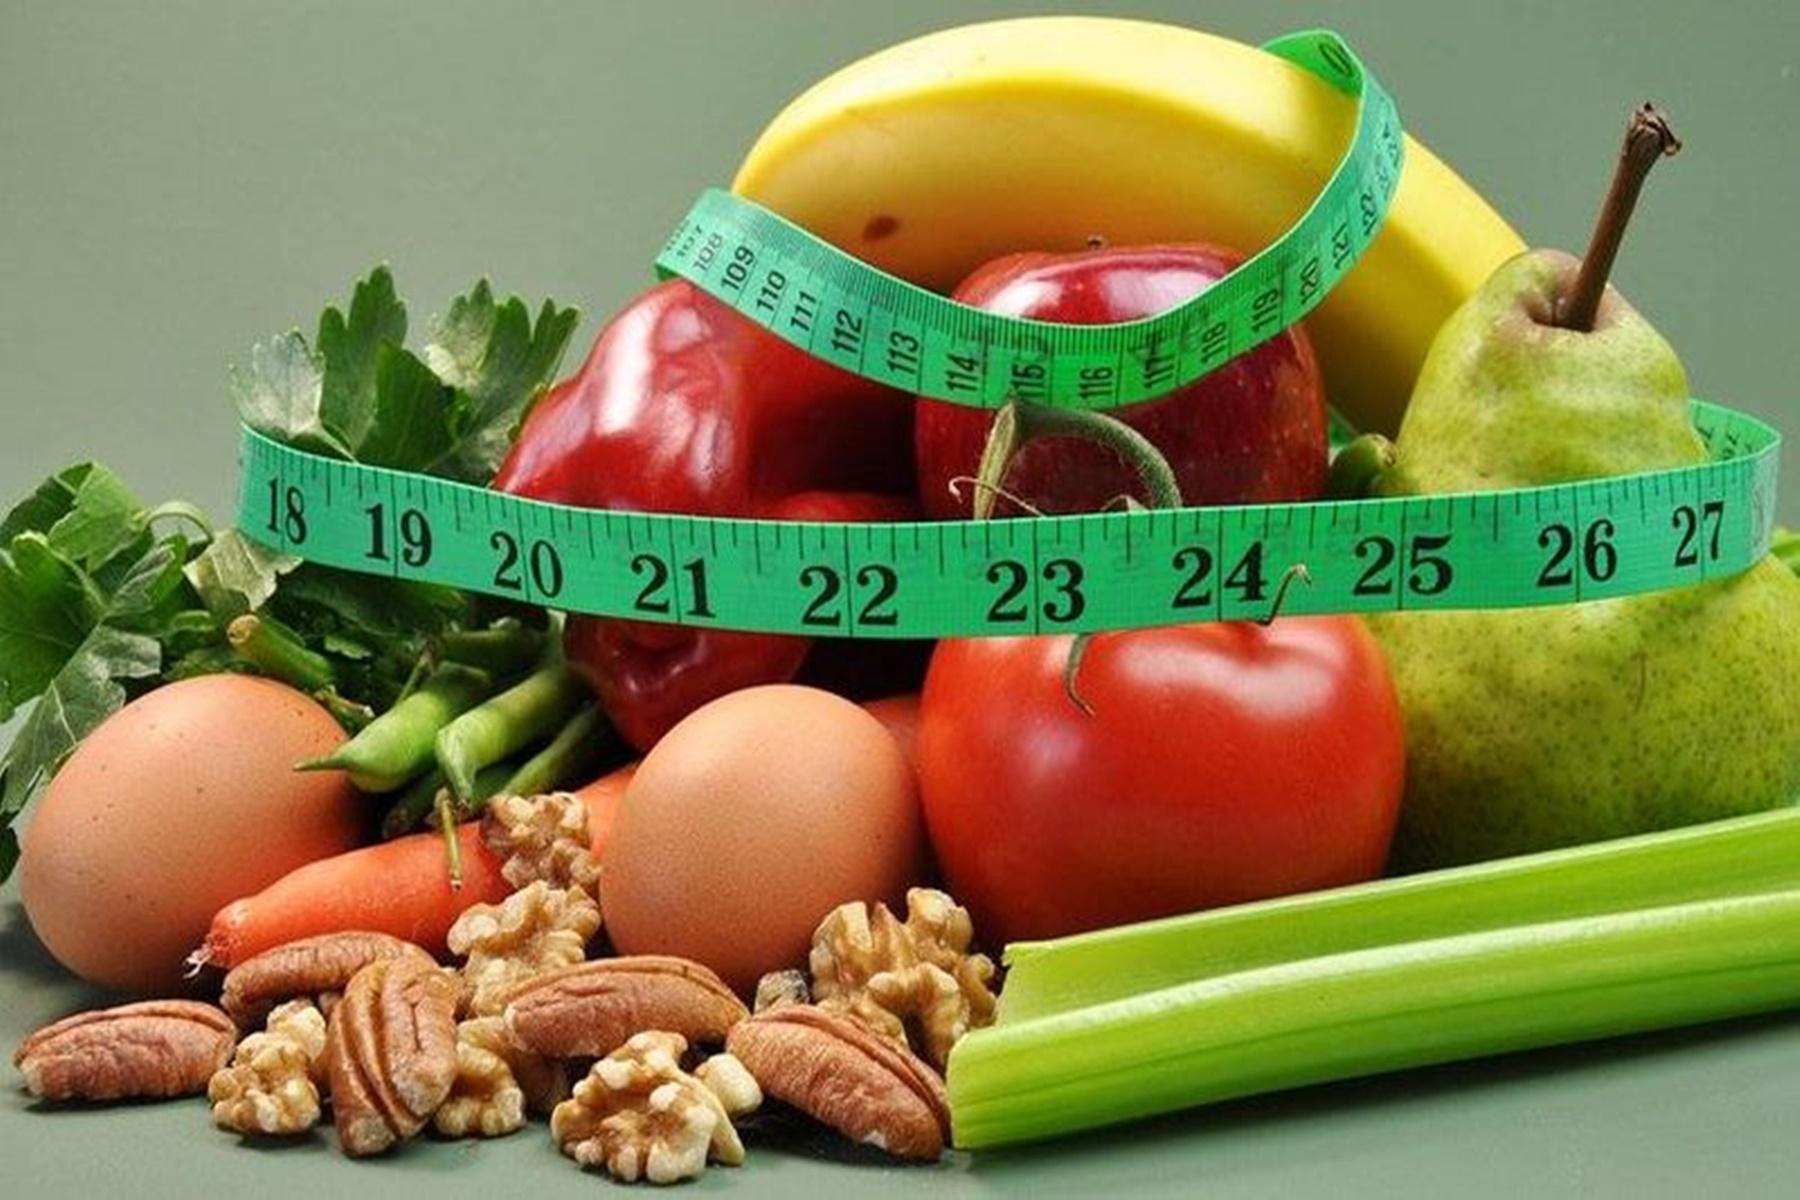 Διατροφή στα 20: Θρέψου σωστά βάση την ηλικία σου